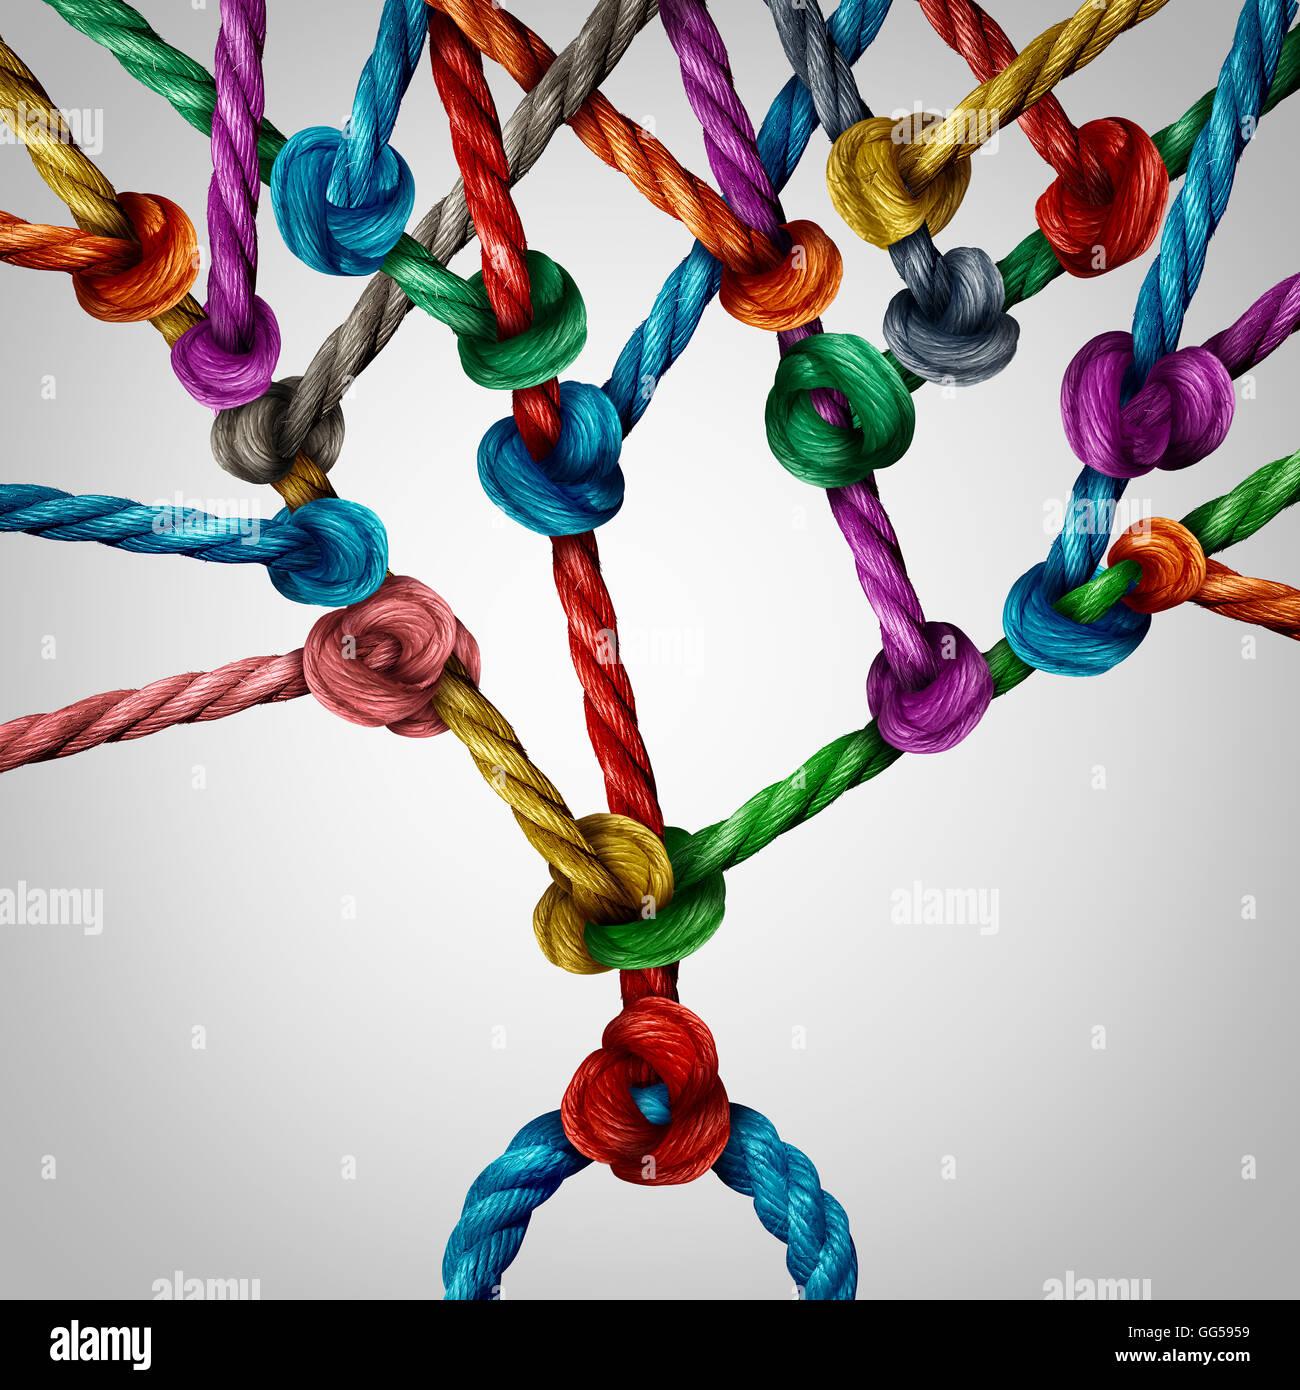 Arbre de réseau connexion sous la forme d'un groupe de cordes attachées ensemble comme une structure Photo Stock